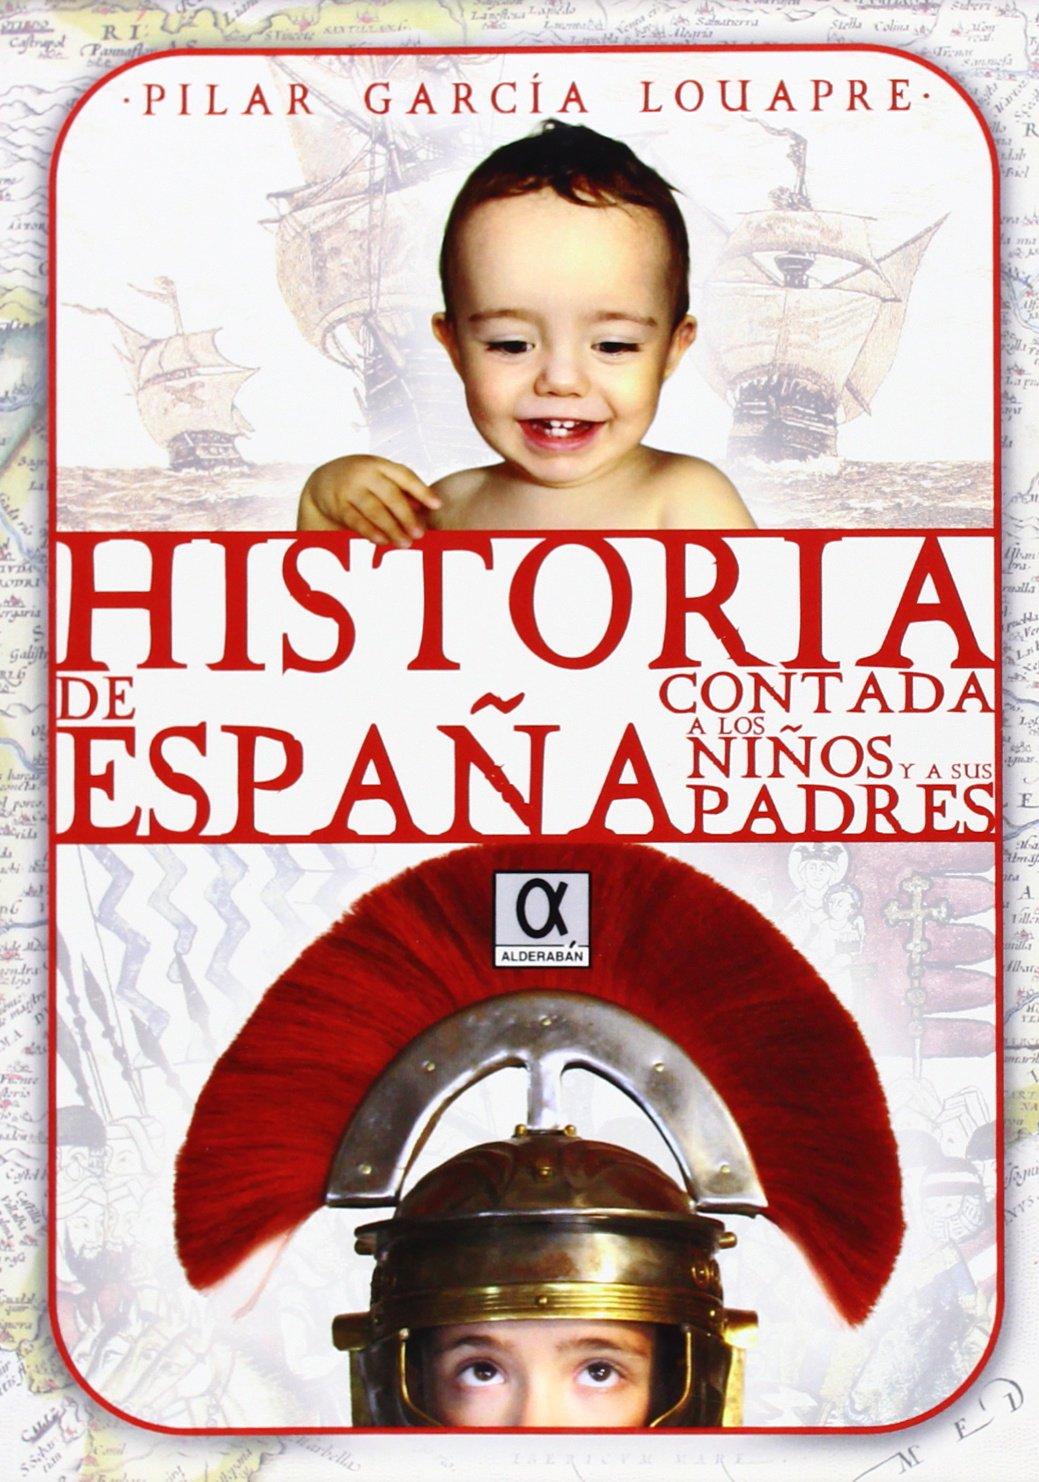 Historia de España contada a los niños y a sus padres: Amazon.es: García Louapre, Pilar: Libros